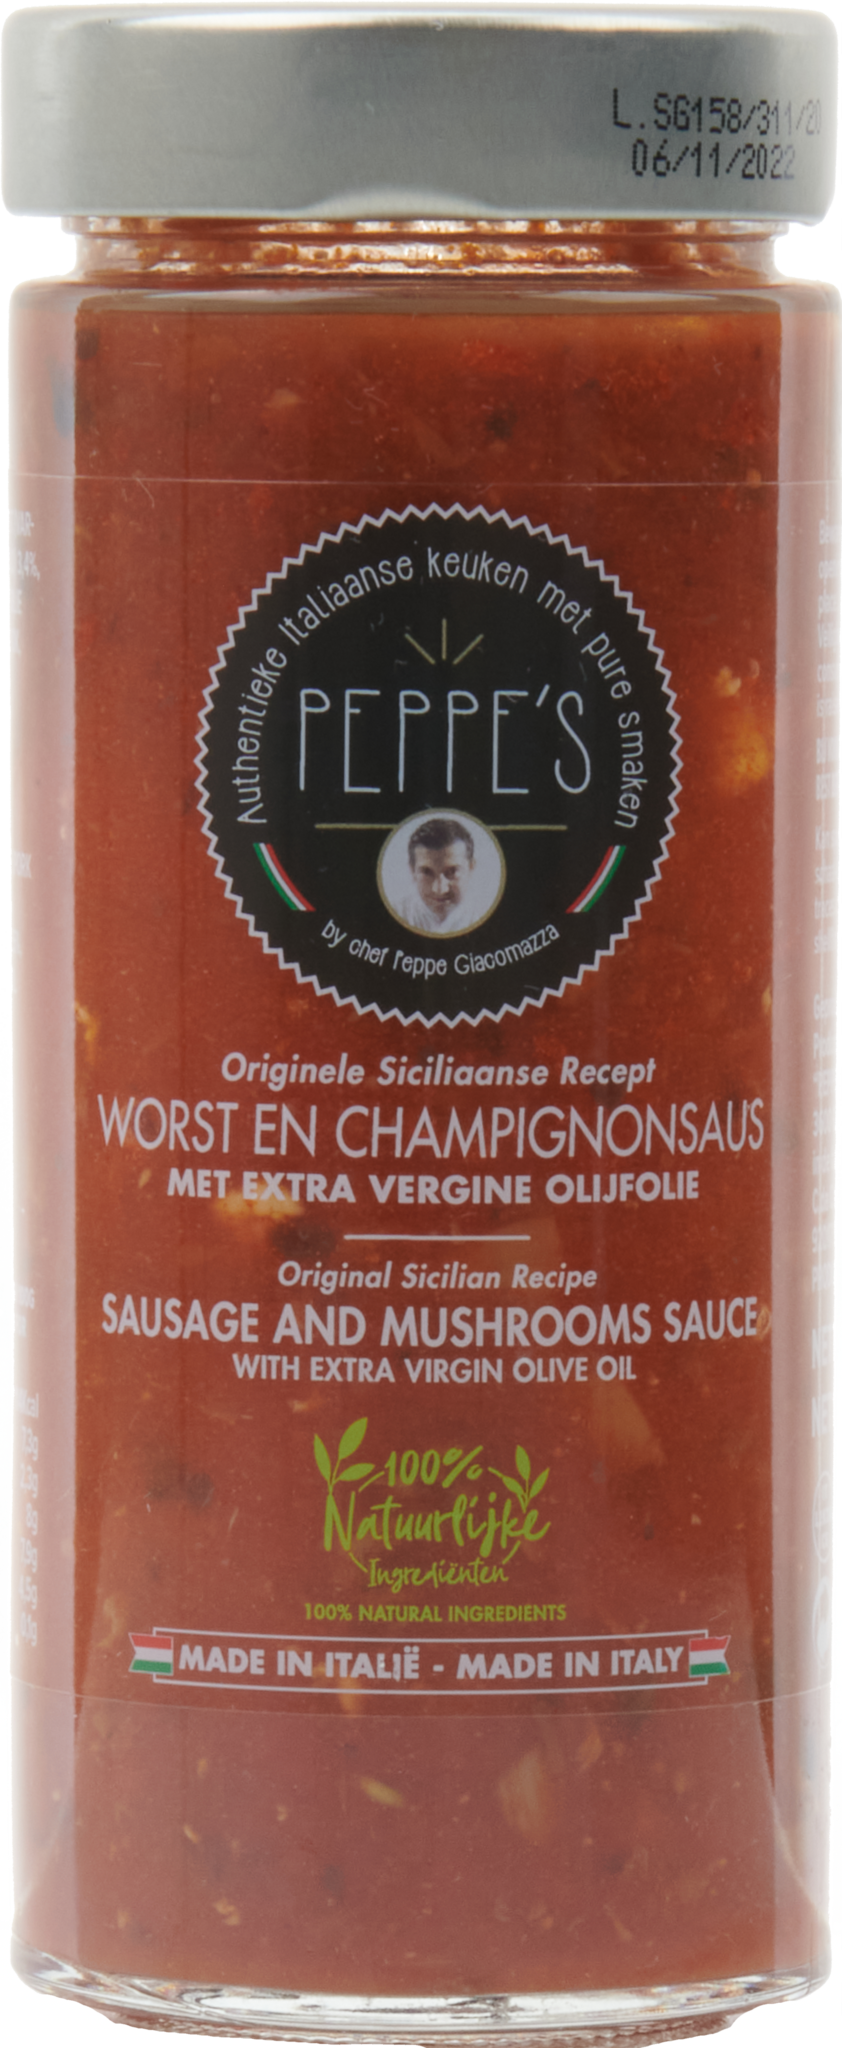 Peppe's Worst en Champignonsaus 300gr